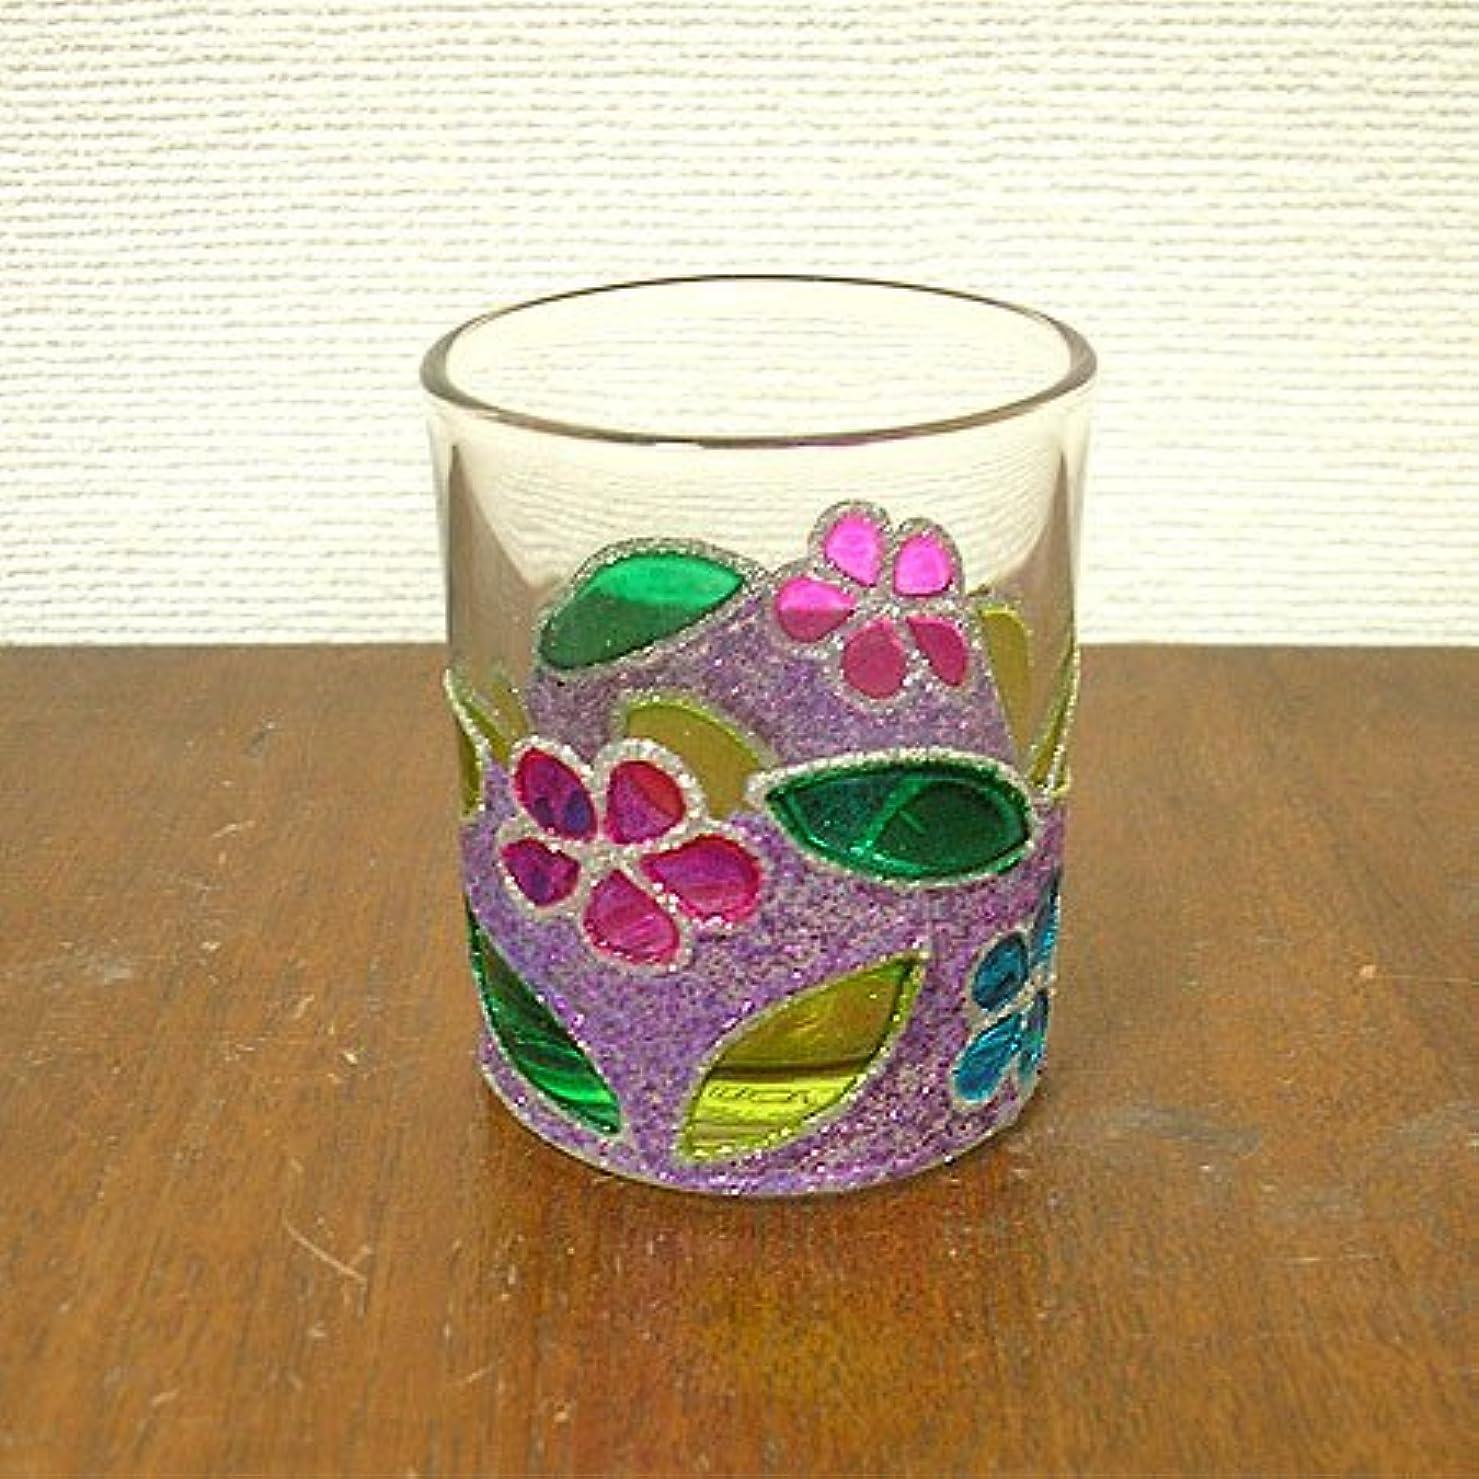 耳更新するジムアジアン キャンドルホルダー カップ グラス 花柄 パープル アジアン雑貨